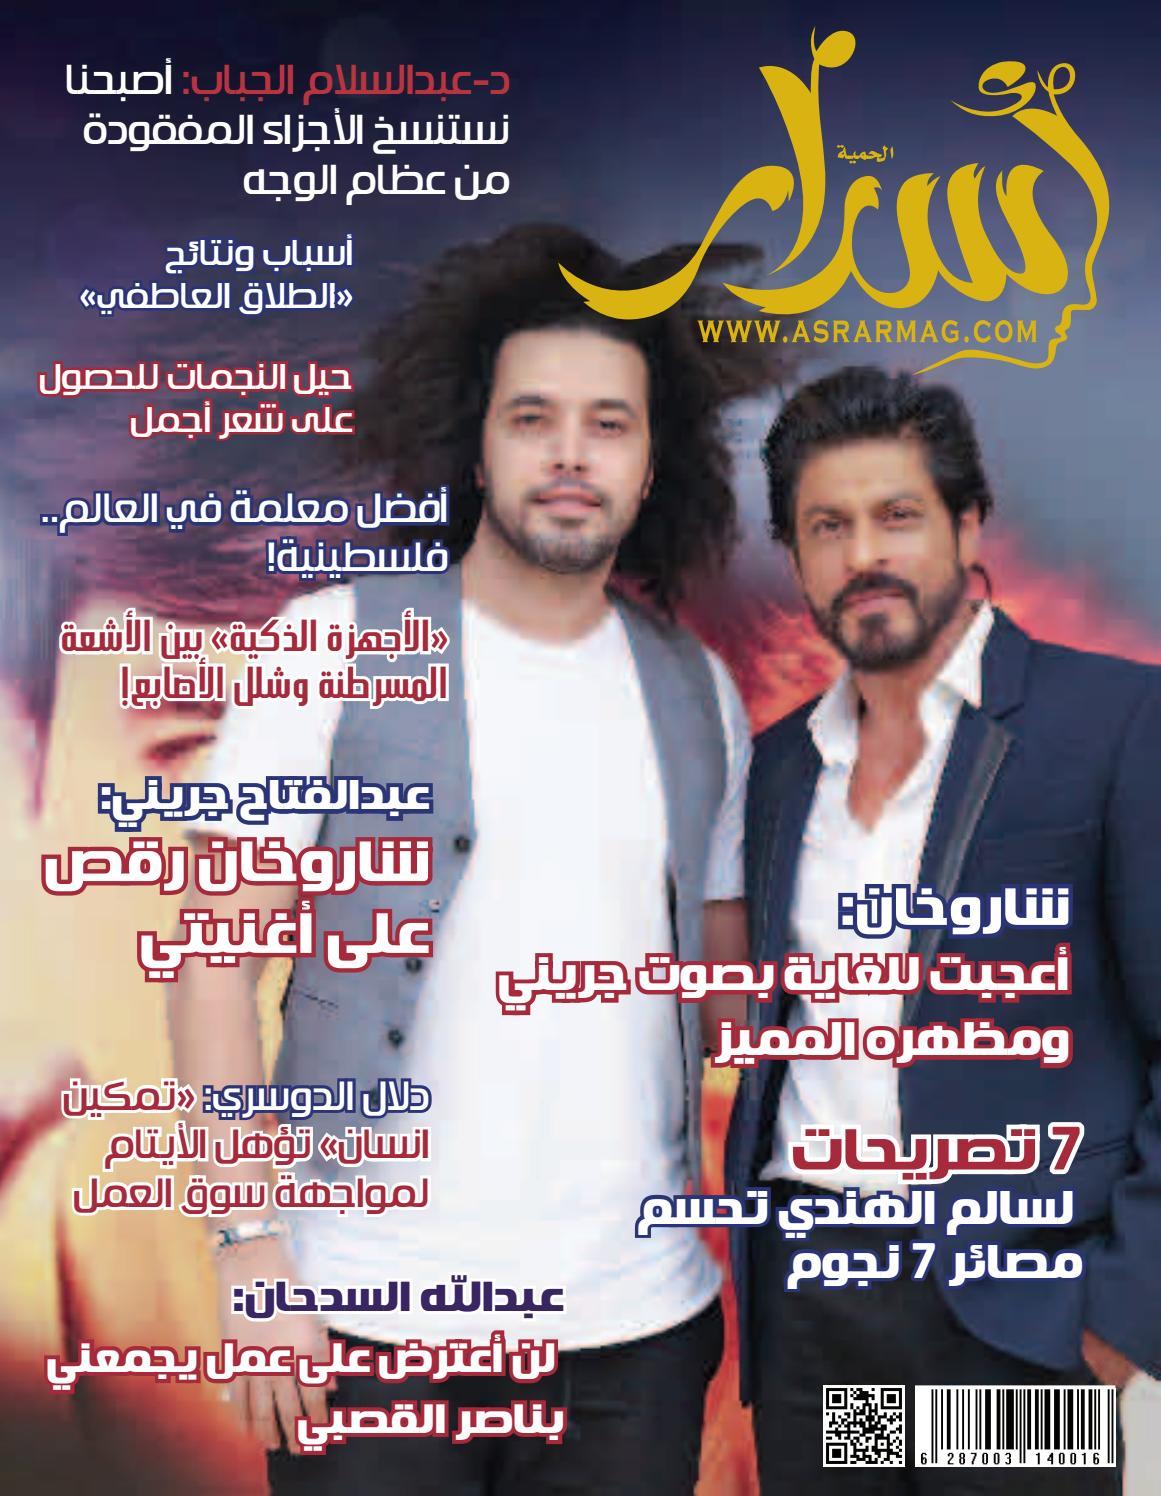 1656f69f6d631 مجلة أسرار العدد 76 by asrarmag - issuu